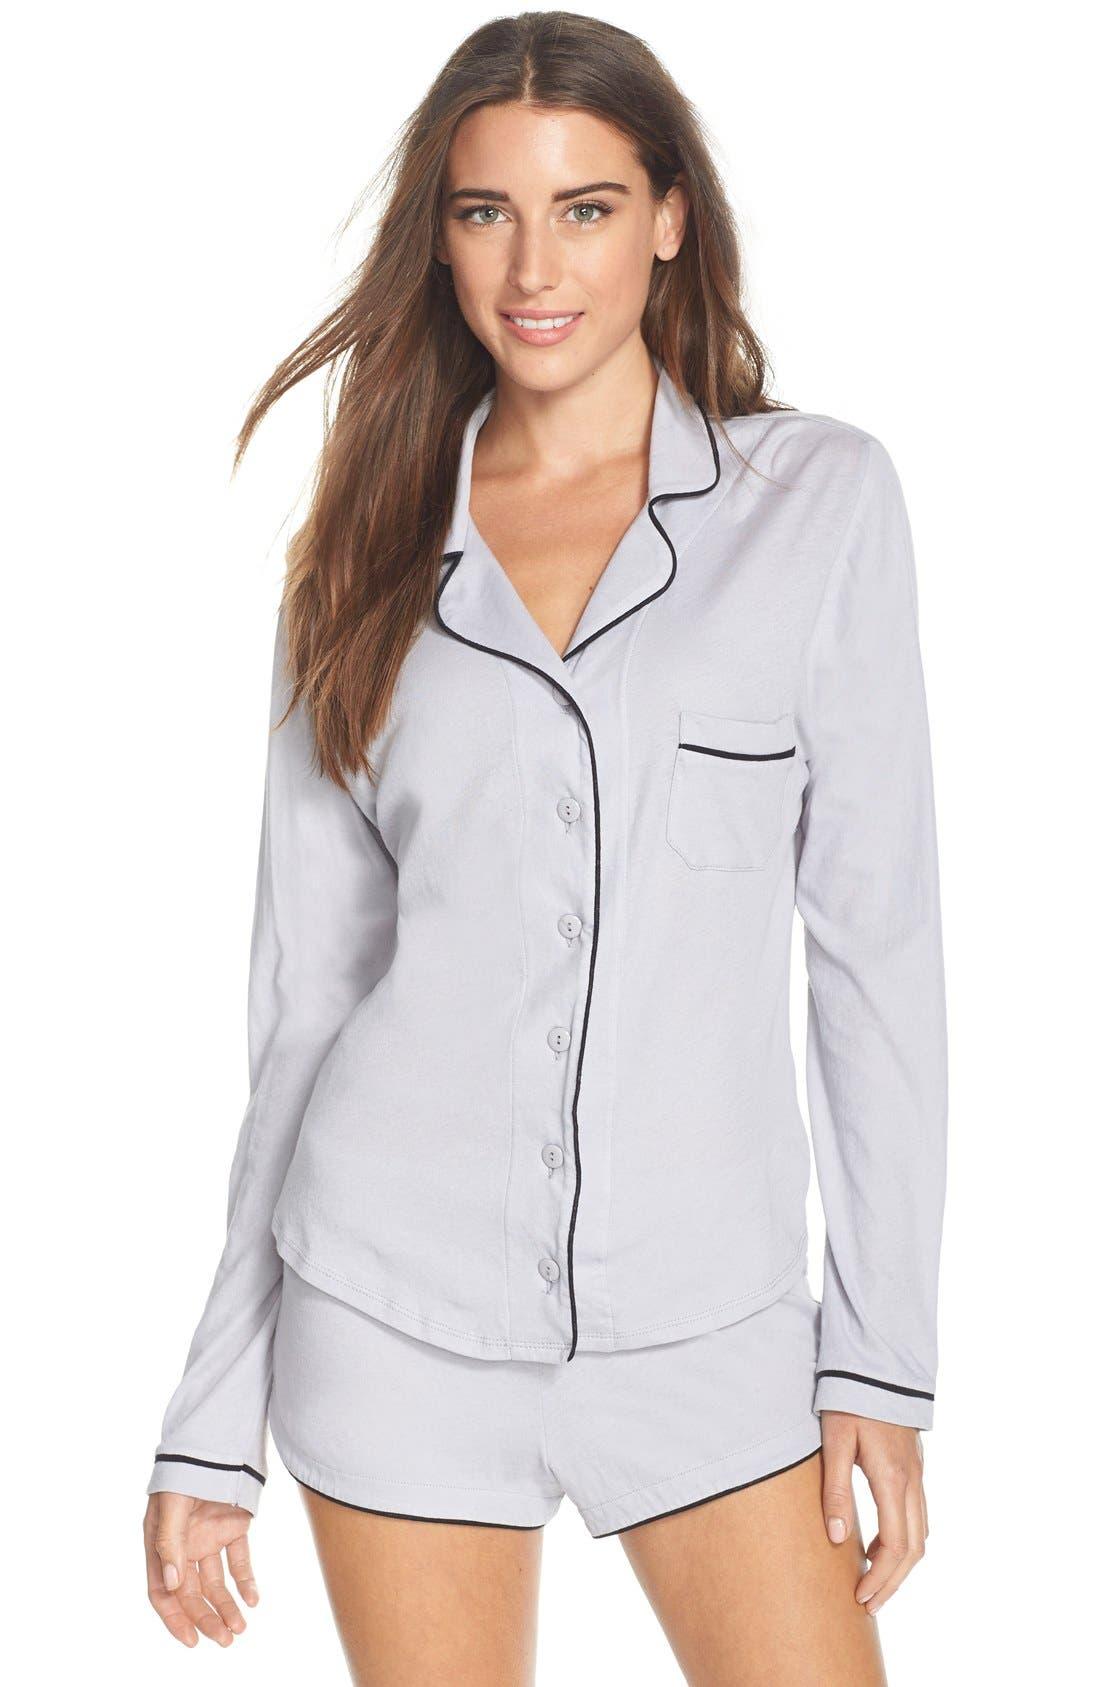 ONLY HEARTS Organic Cotton Shorts Pajamas, Main, color, 400